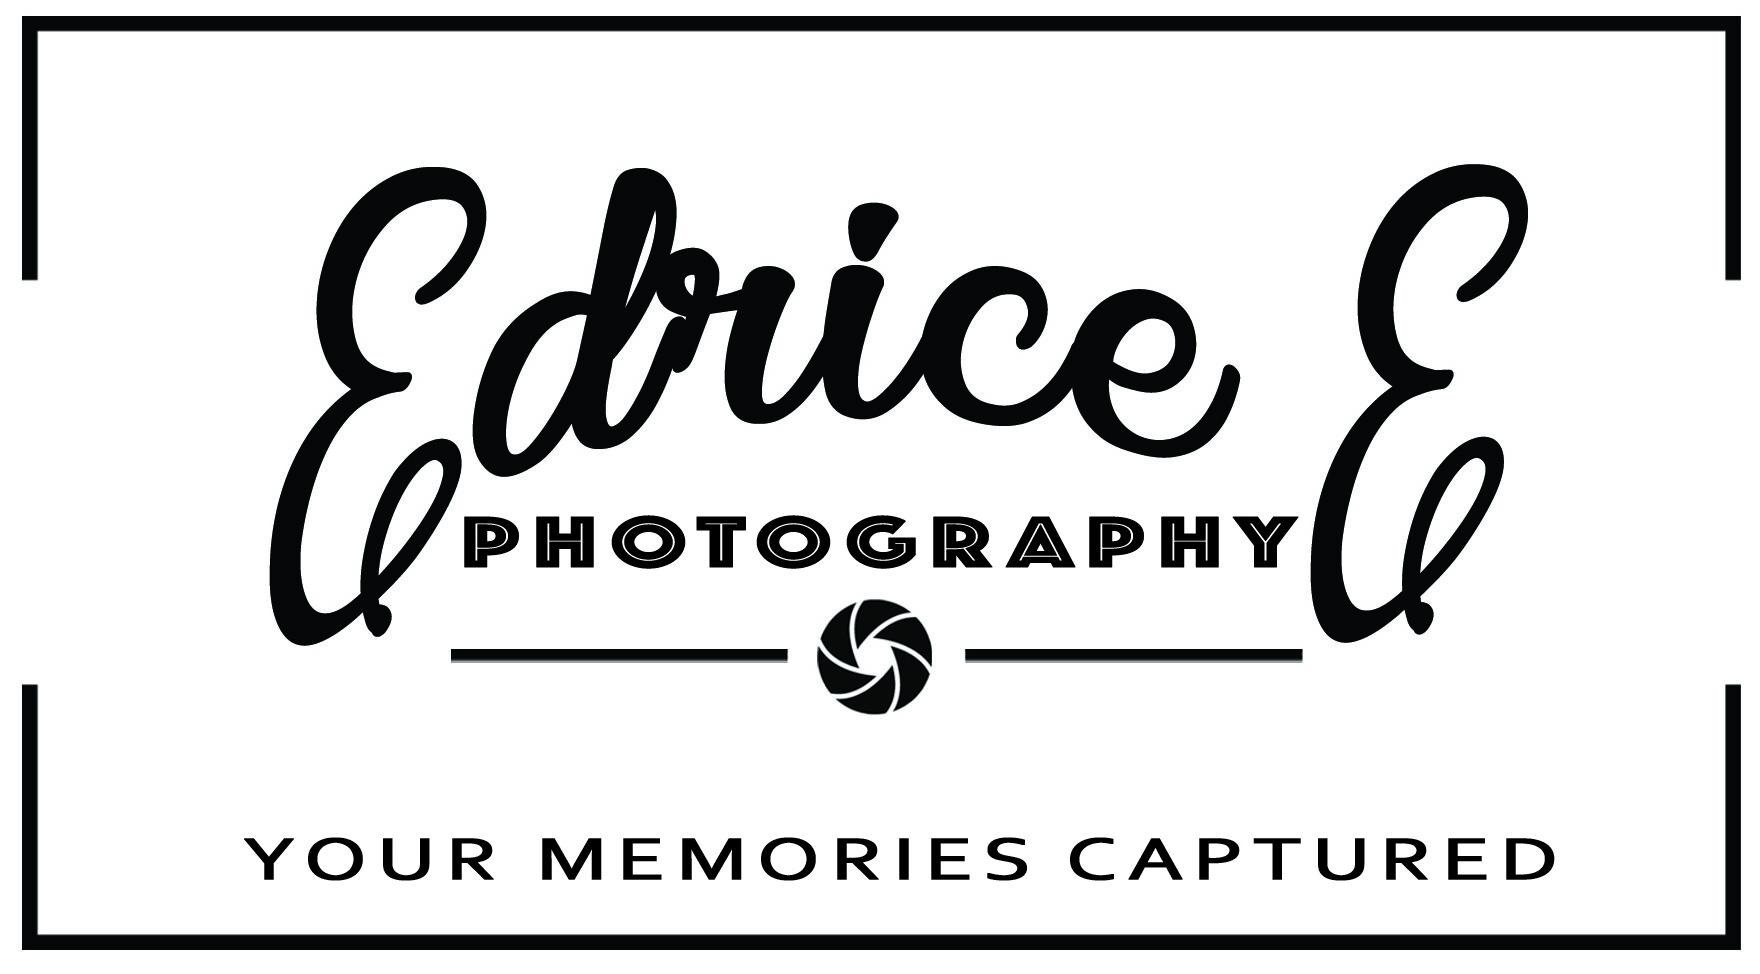 Edrice E. Photography